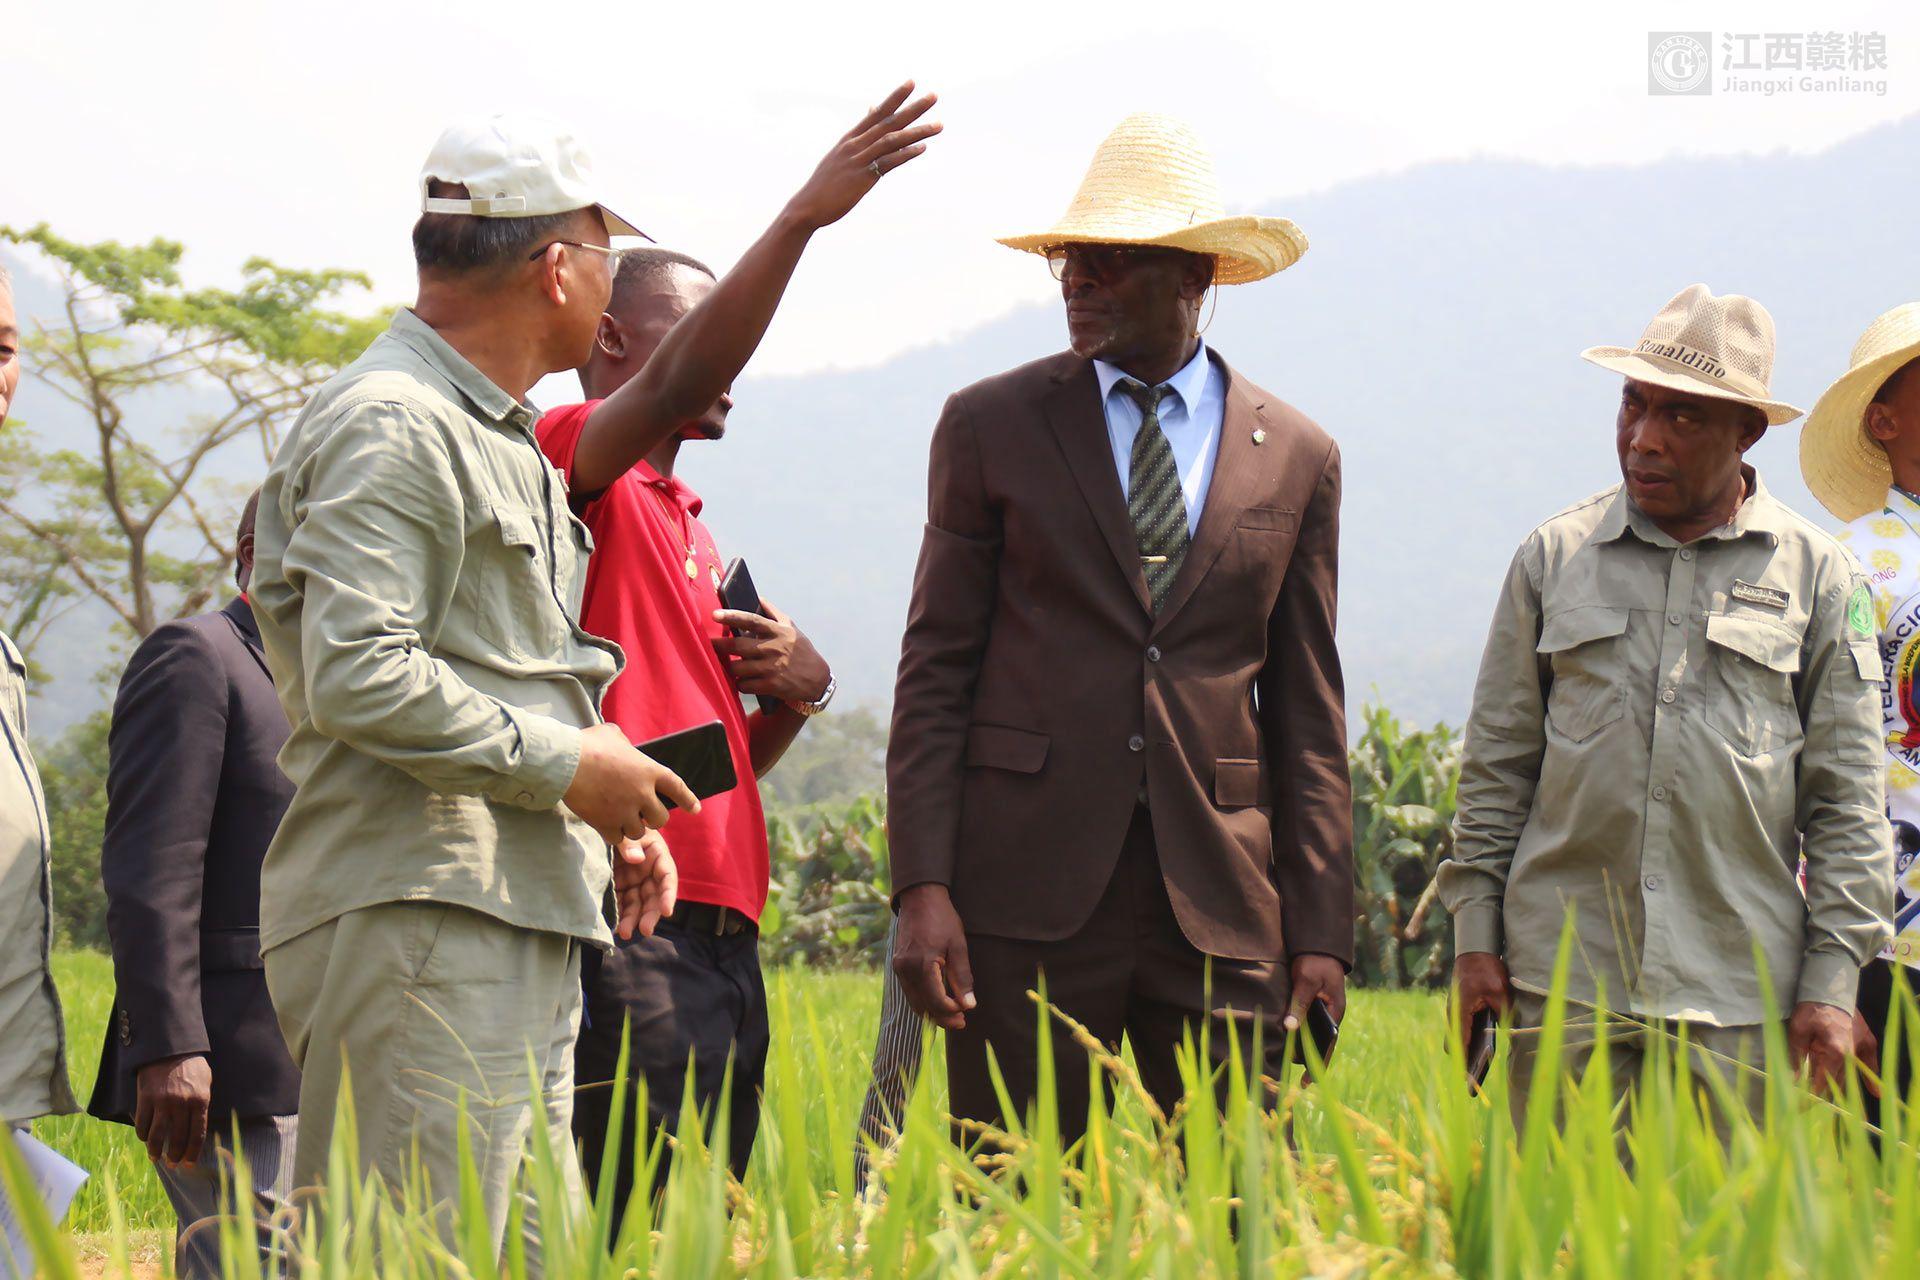 亚博体育官方app下载农业、畜牧、森林和环境部部长阿卡波到亚博yabo外围app农场慰问